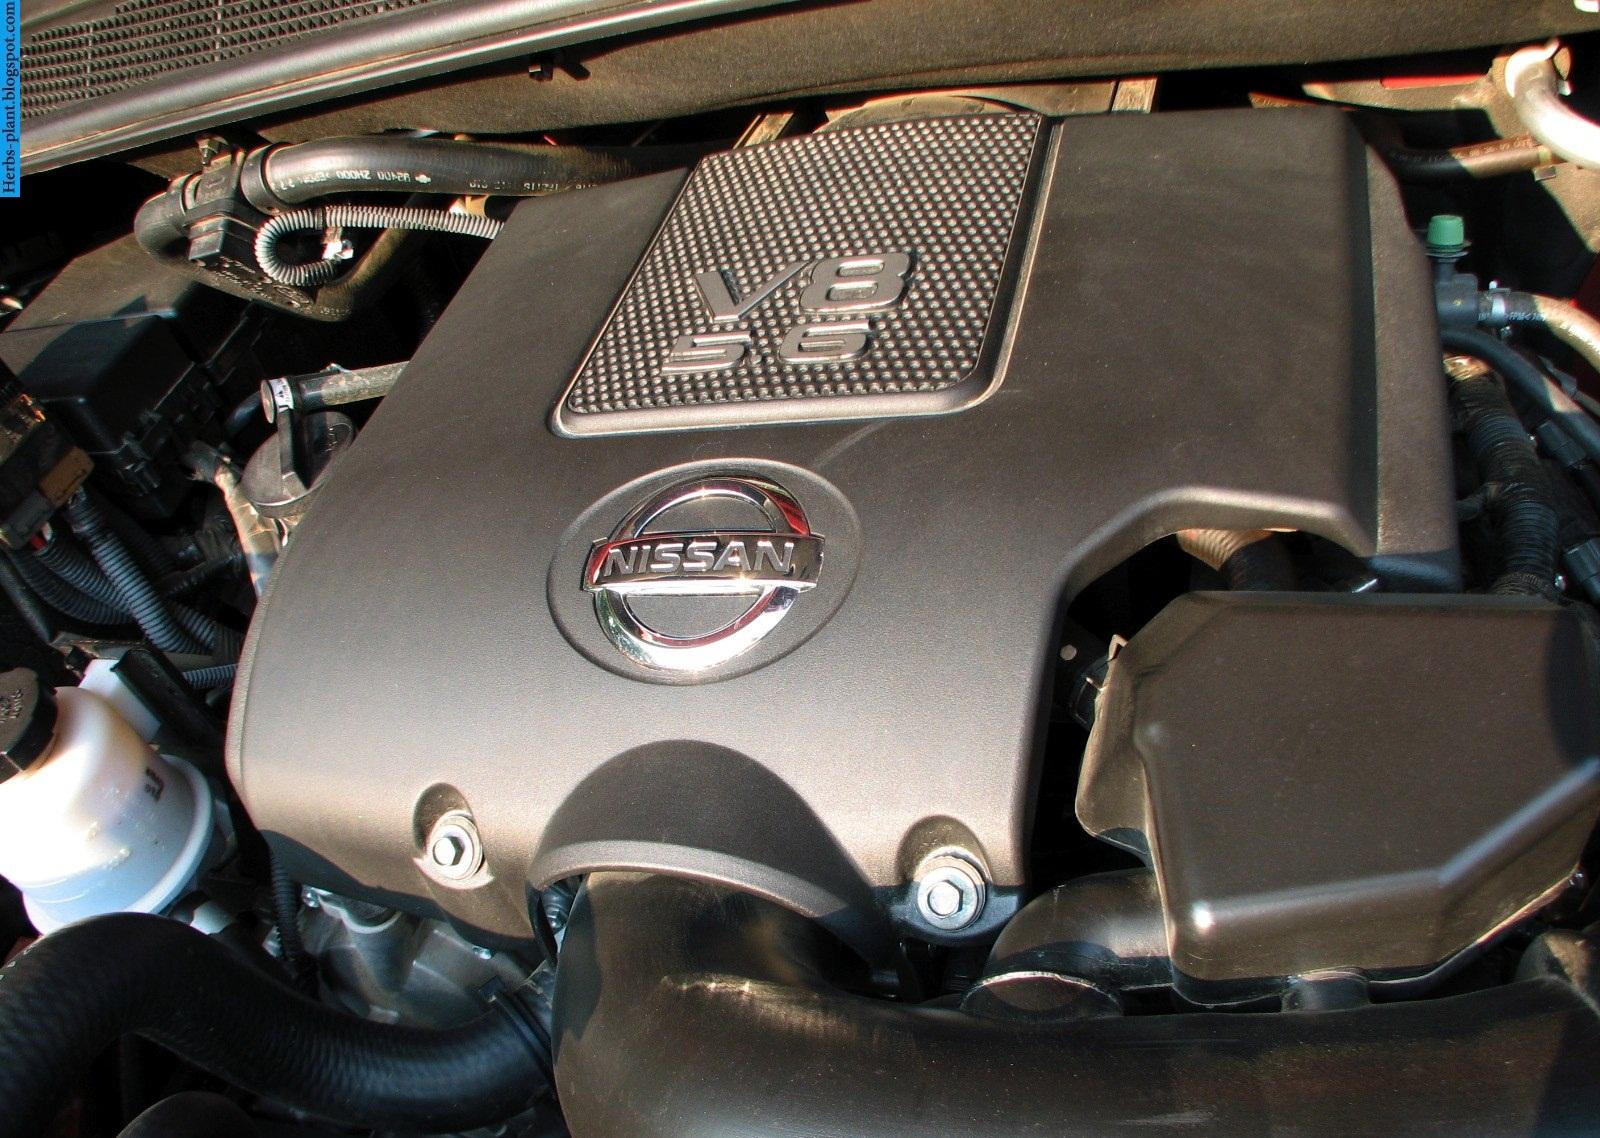 Nissan titan car 2013 engine - صور محرك سيارة نيسان تيتان 2013